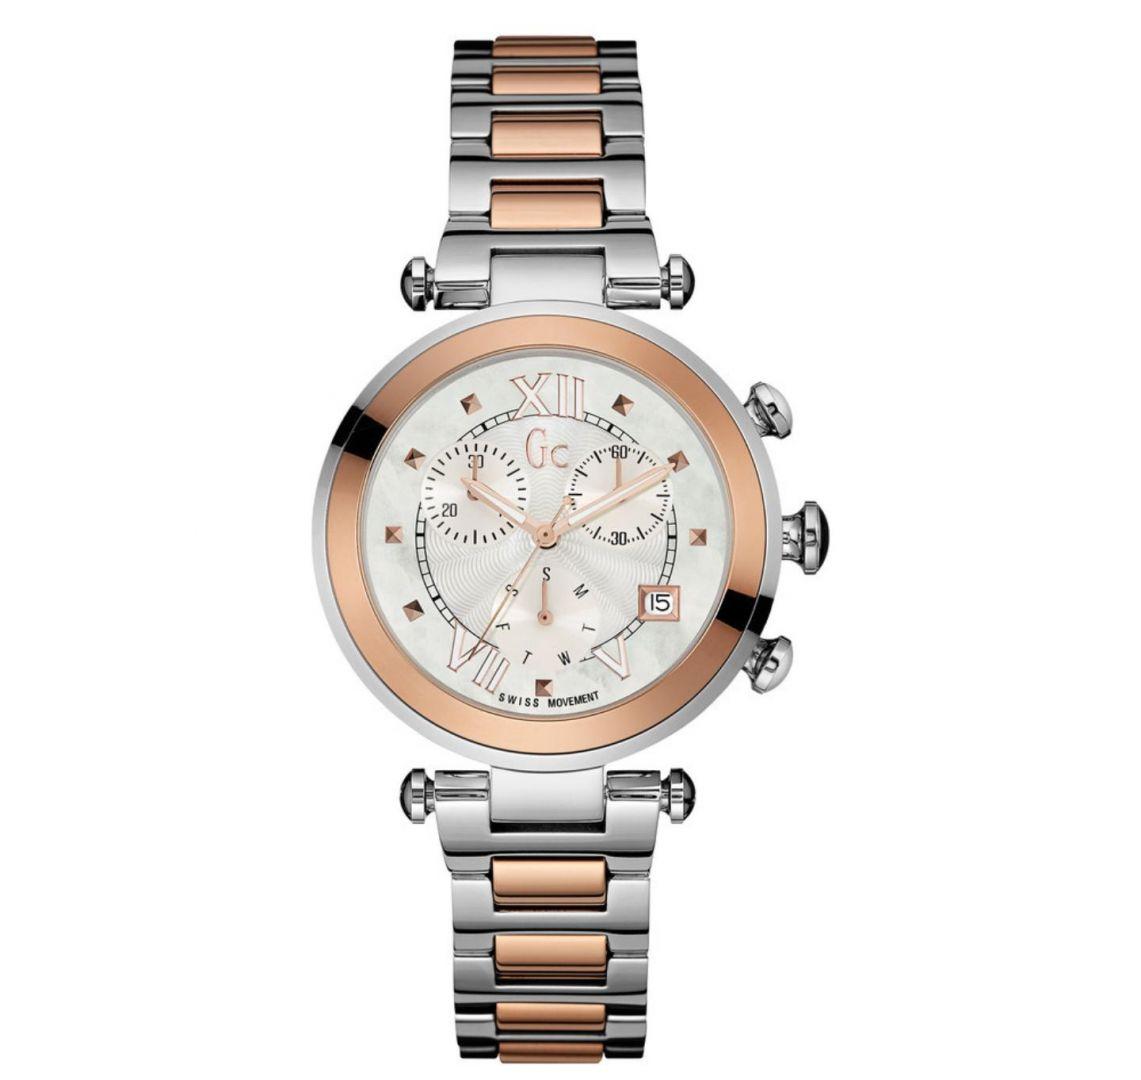 שעון יד אנלוגי דגם: gc Y05002M1 גס